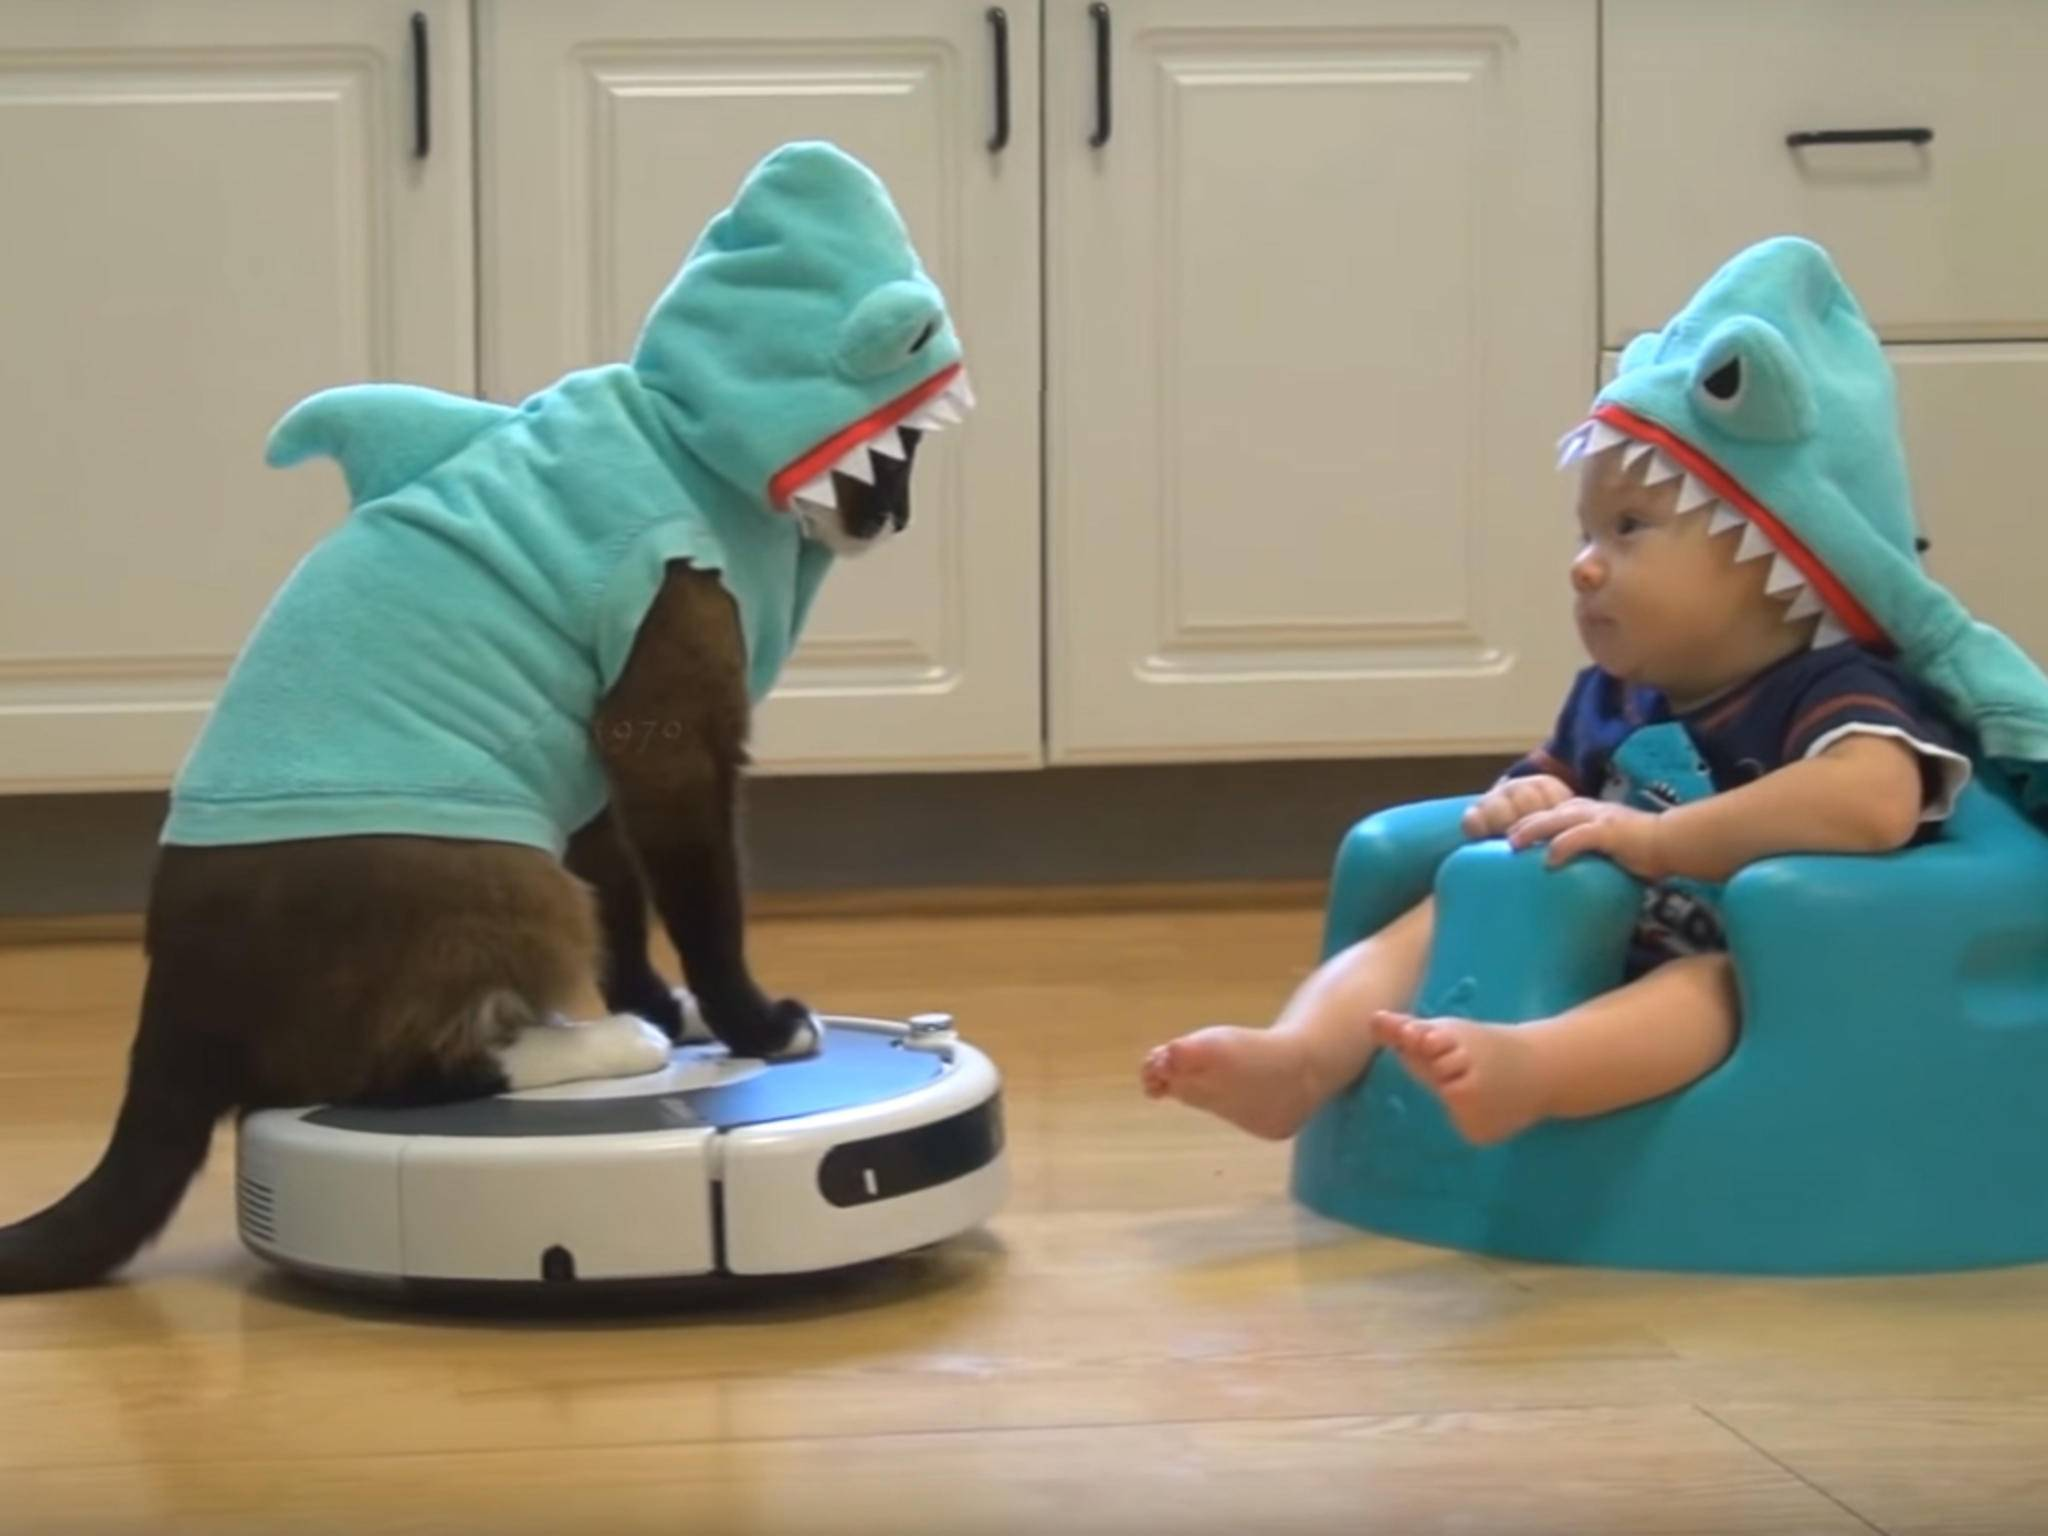 Katze Roomba